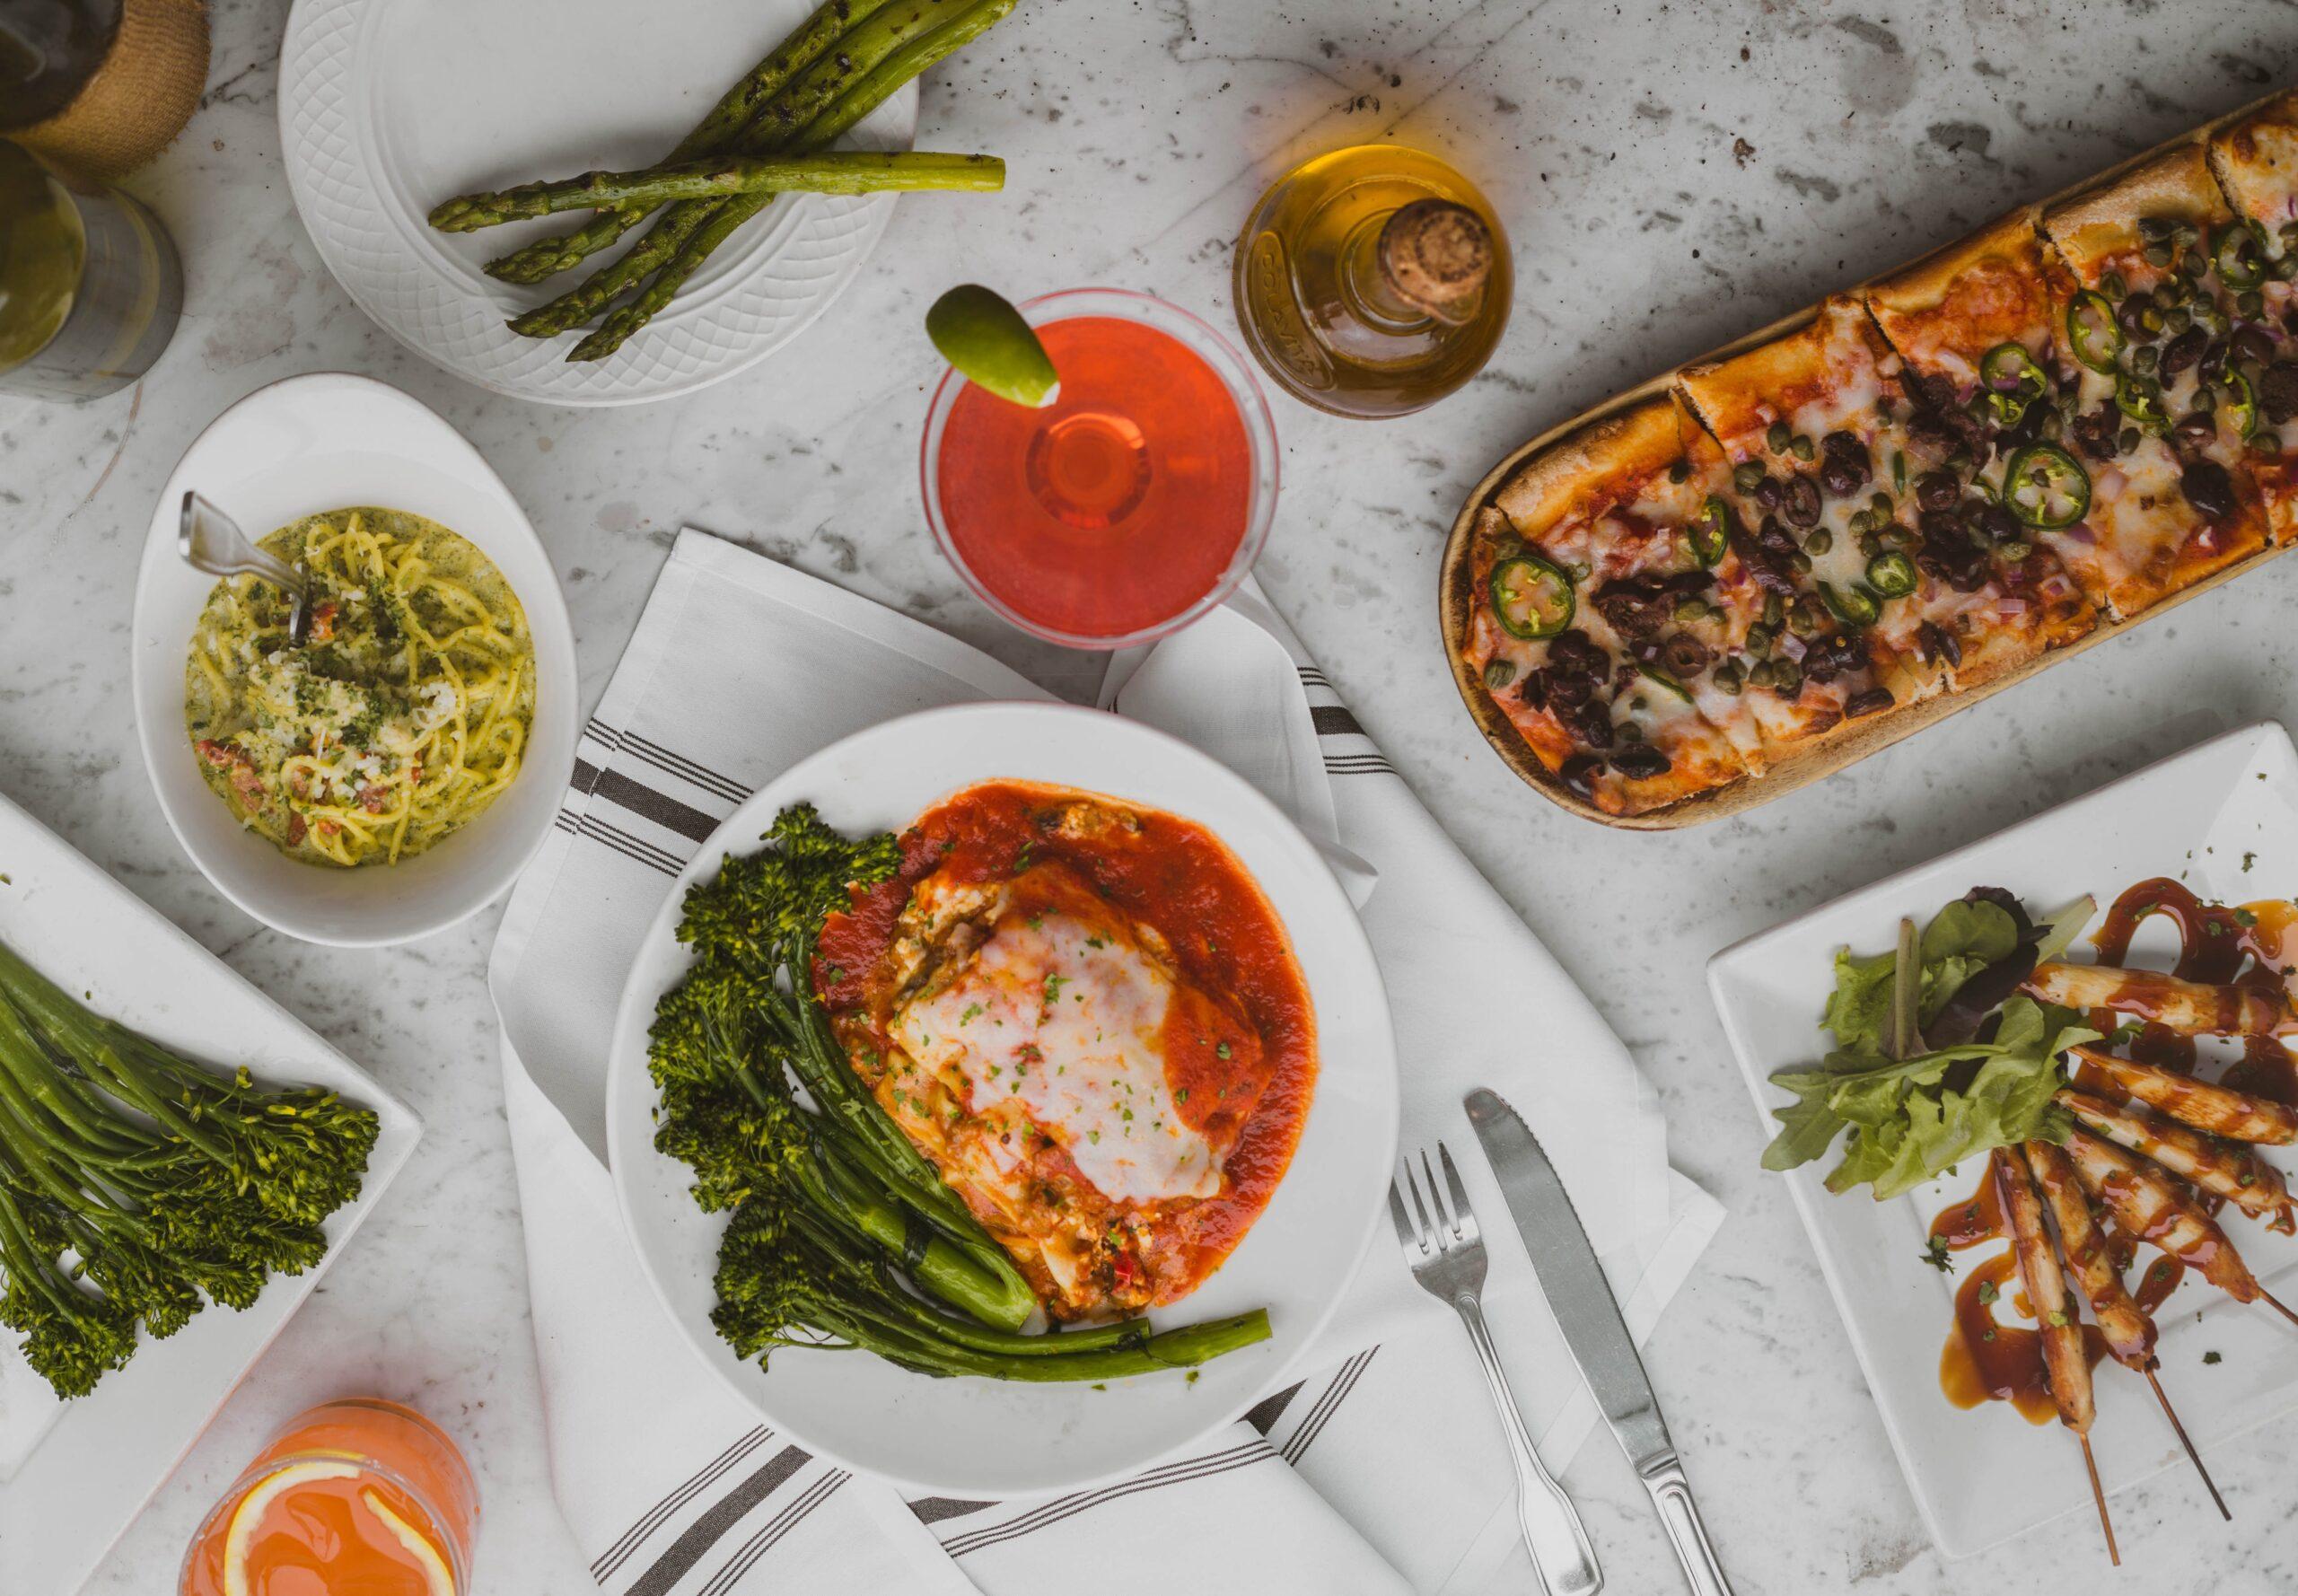 Un'alimentazione sana include i piatti della tradizioni locali